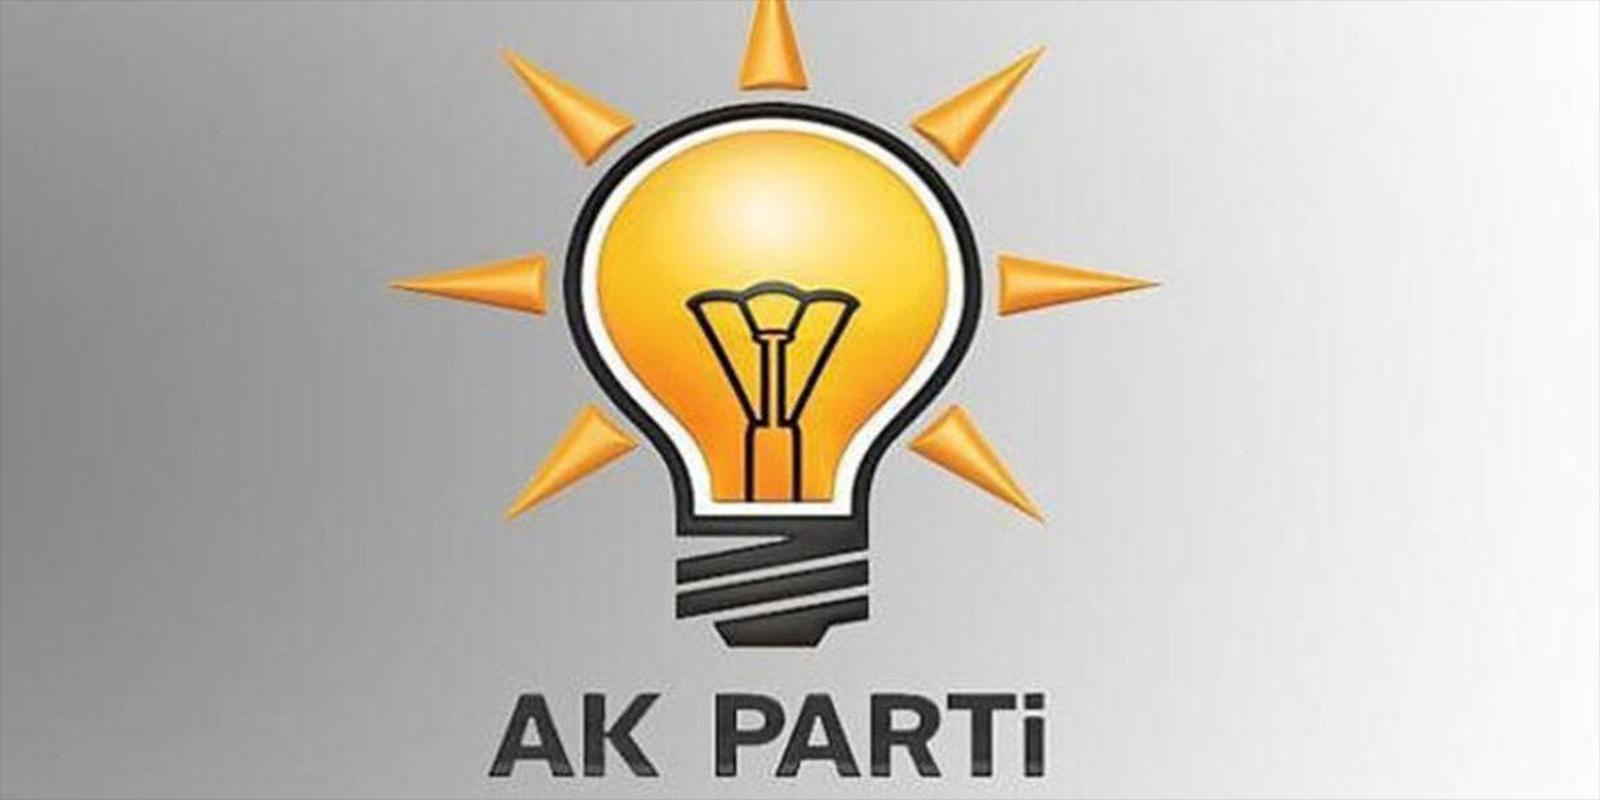 SON DAKİKA! AK Parti'den TBMM'ye 18 yaş altı için kanun teklifi!